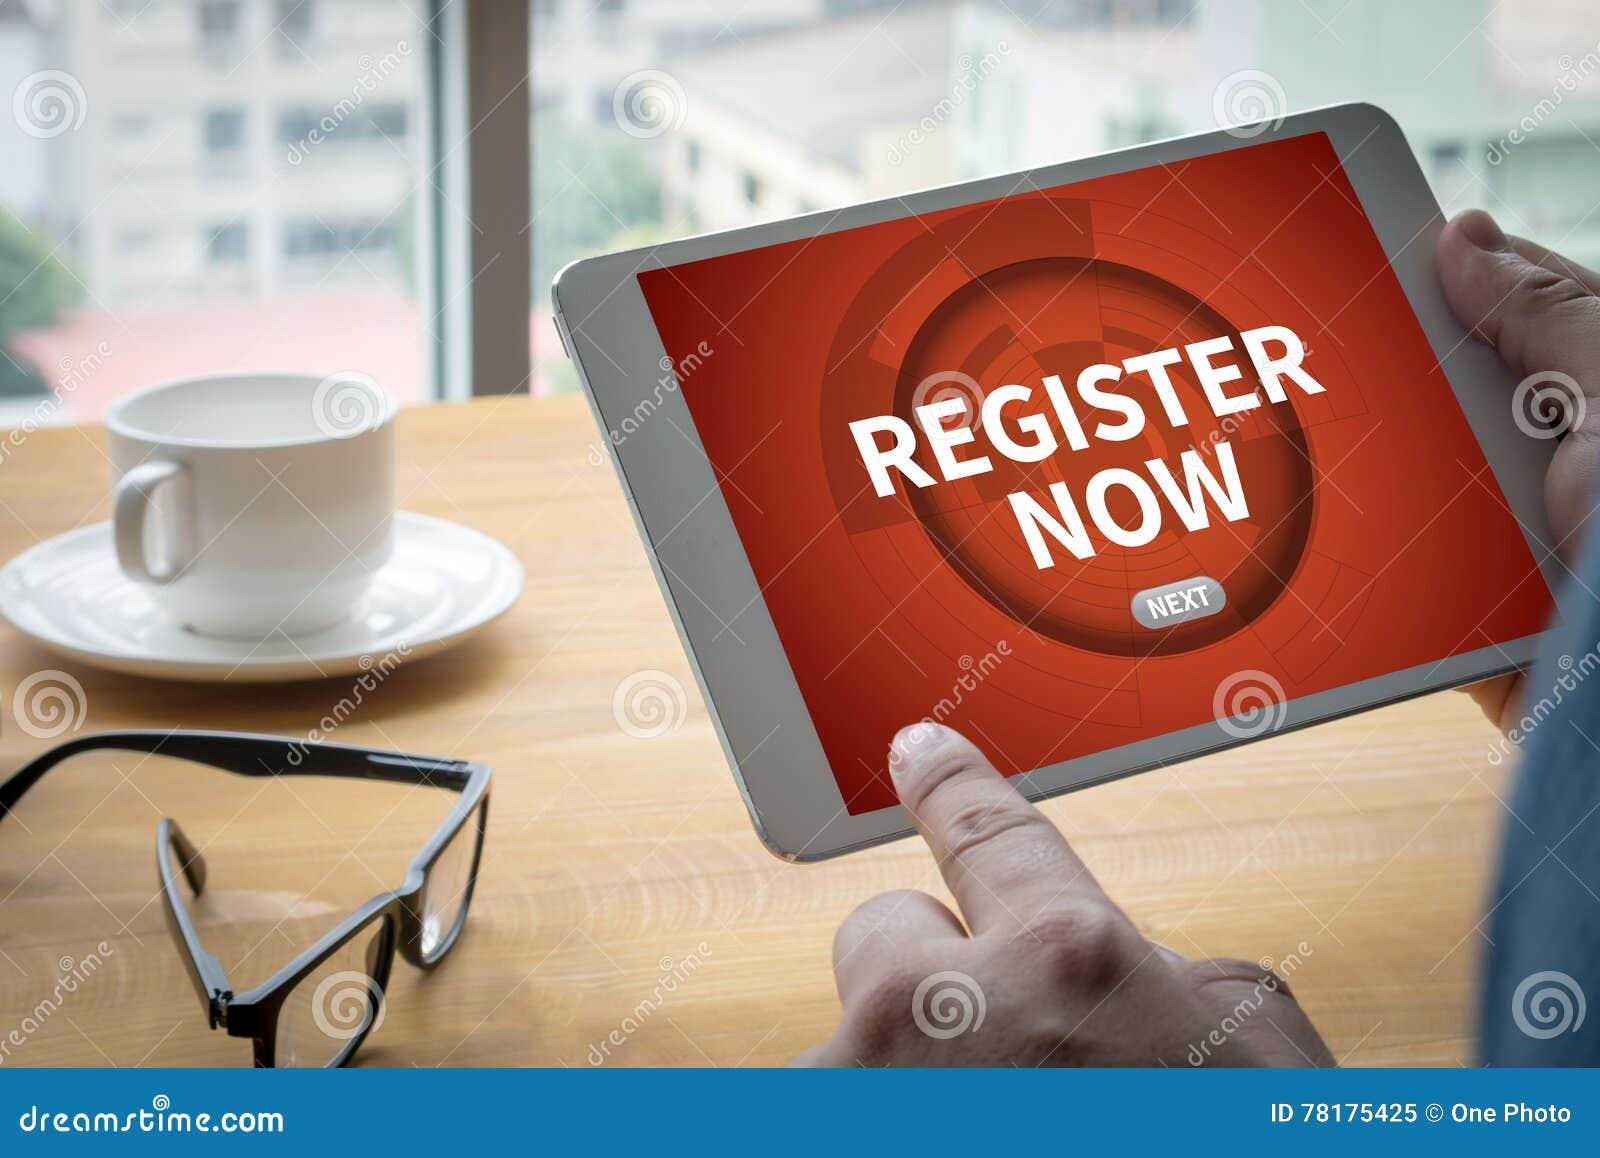 Register jetzt